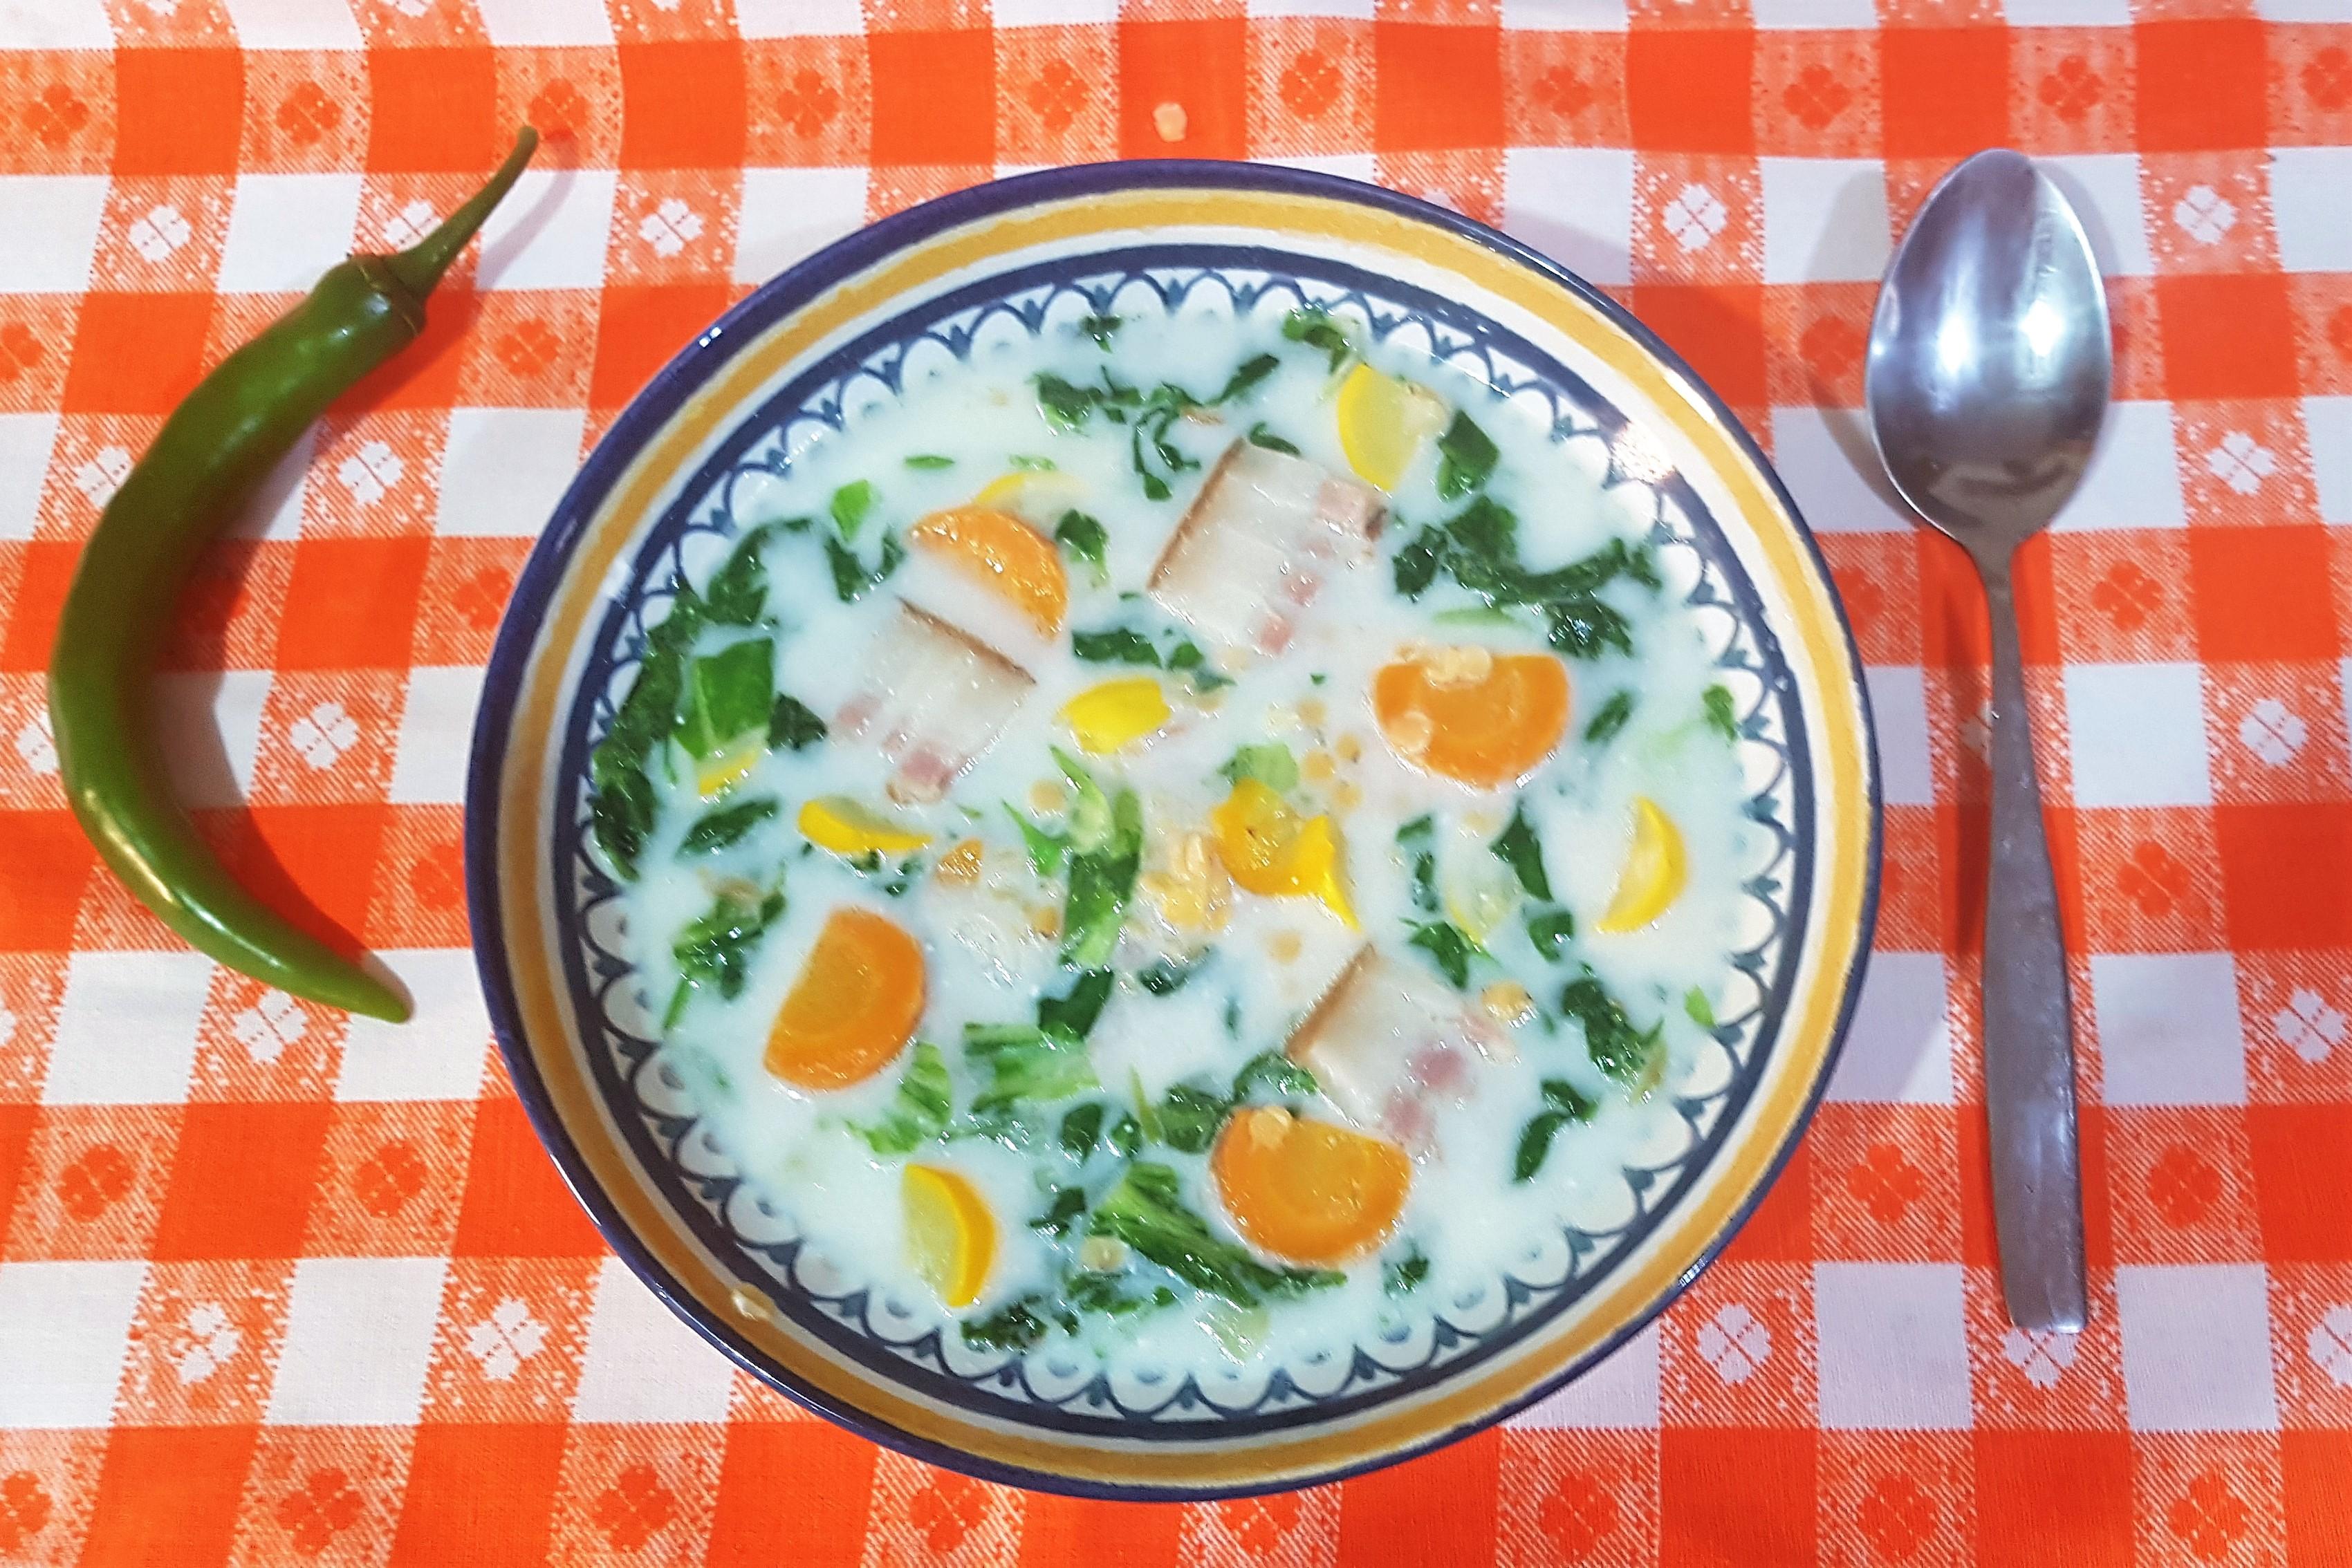 Supa de salata verde cu zucchini galben si linte rosie